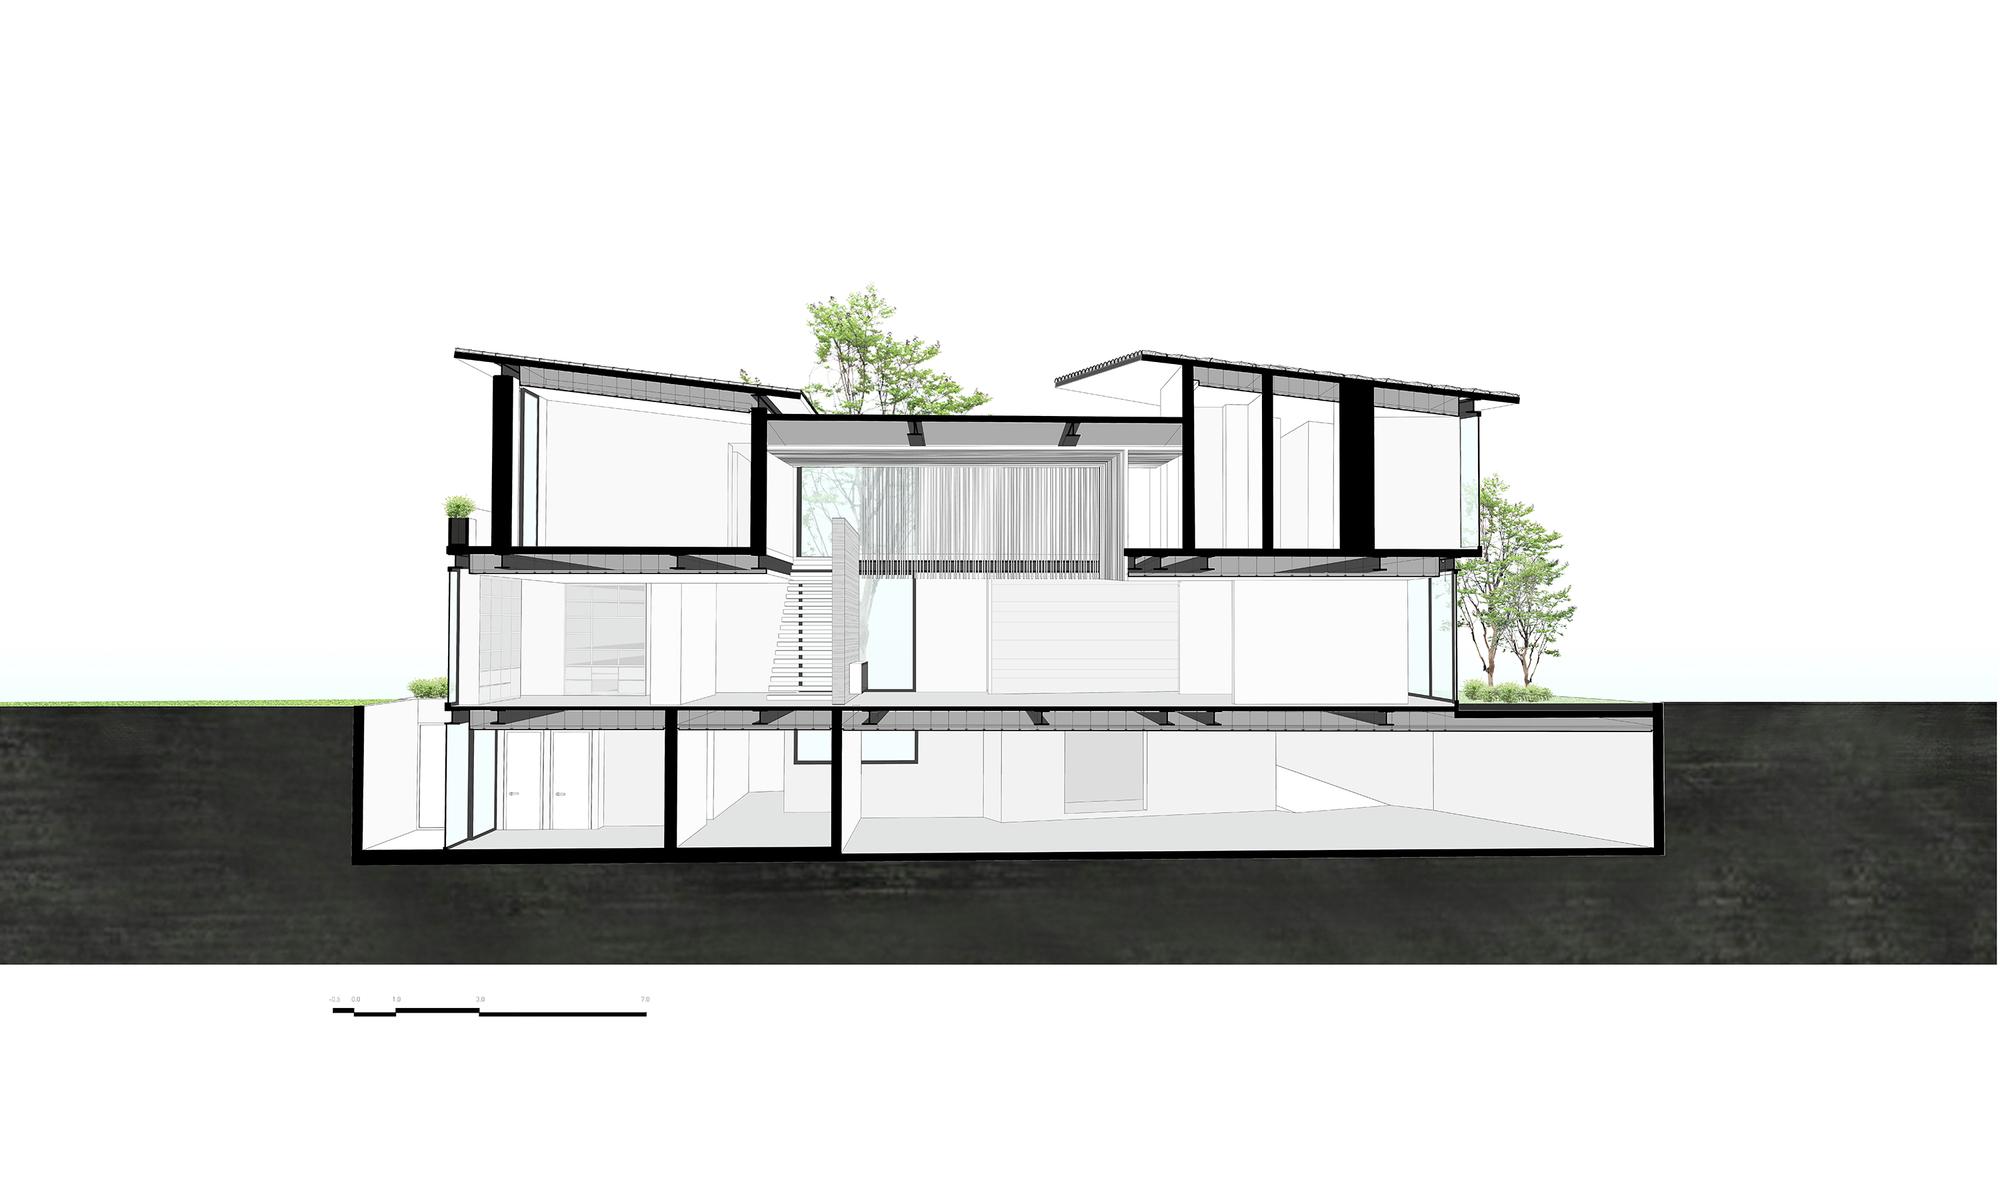 Galer a de casa v9 vgz arquitectura y dise o 27 for Arquitectura nota de corte